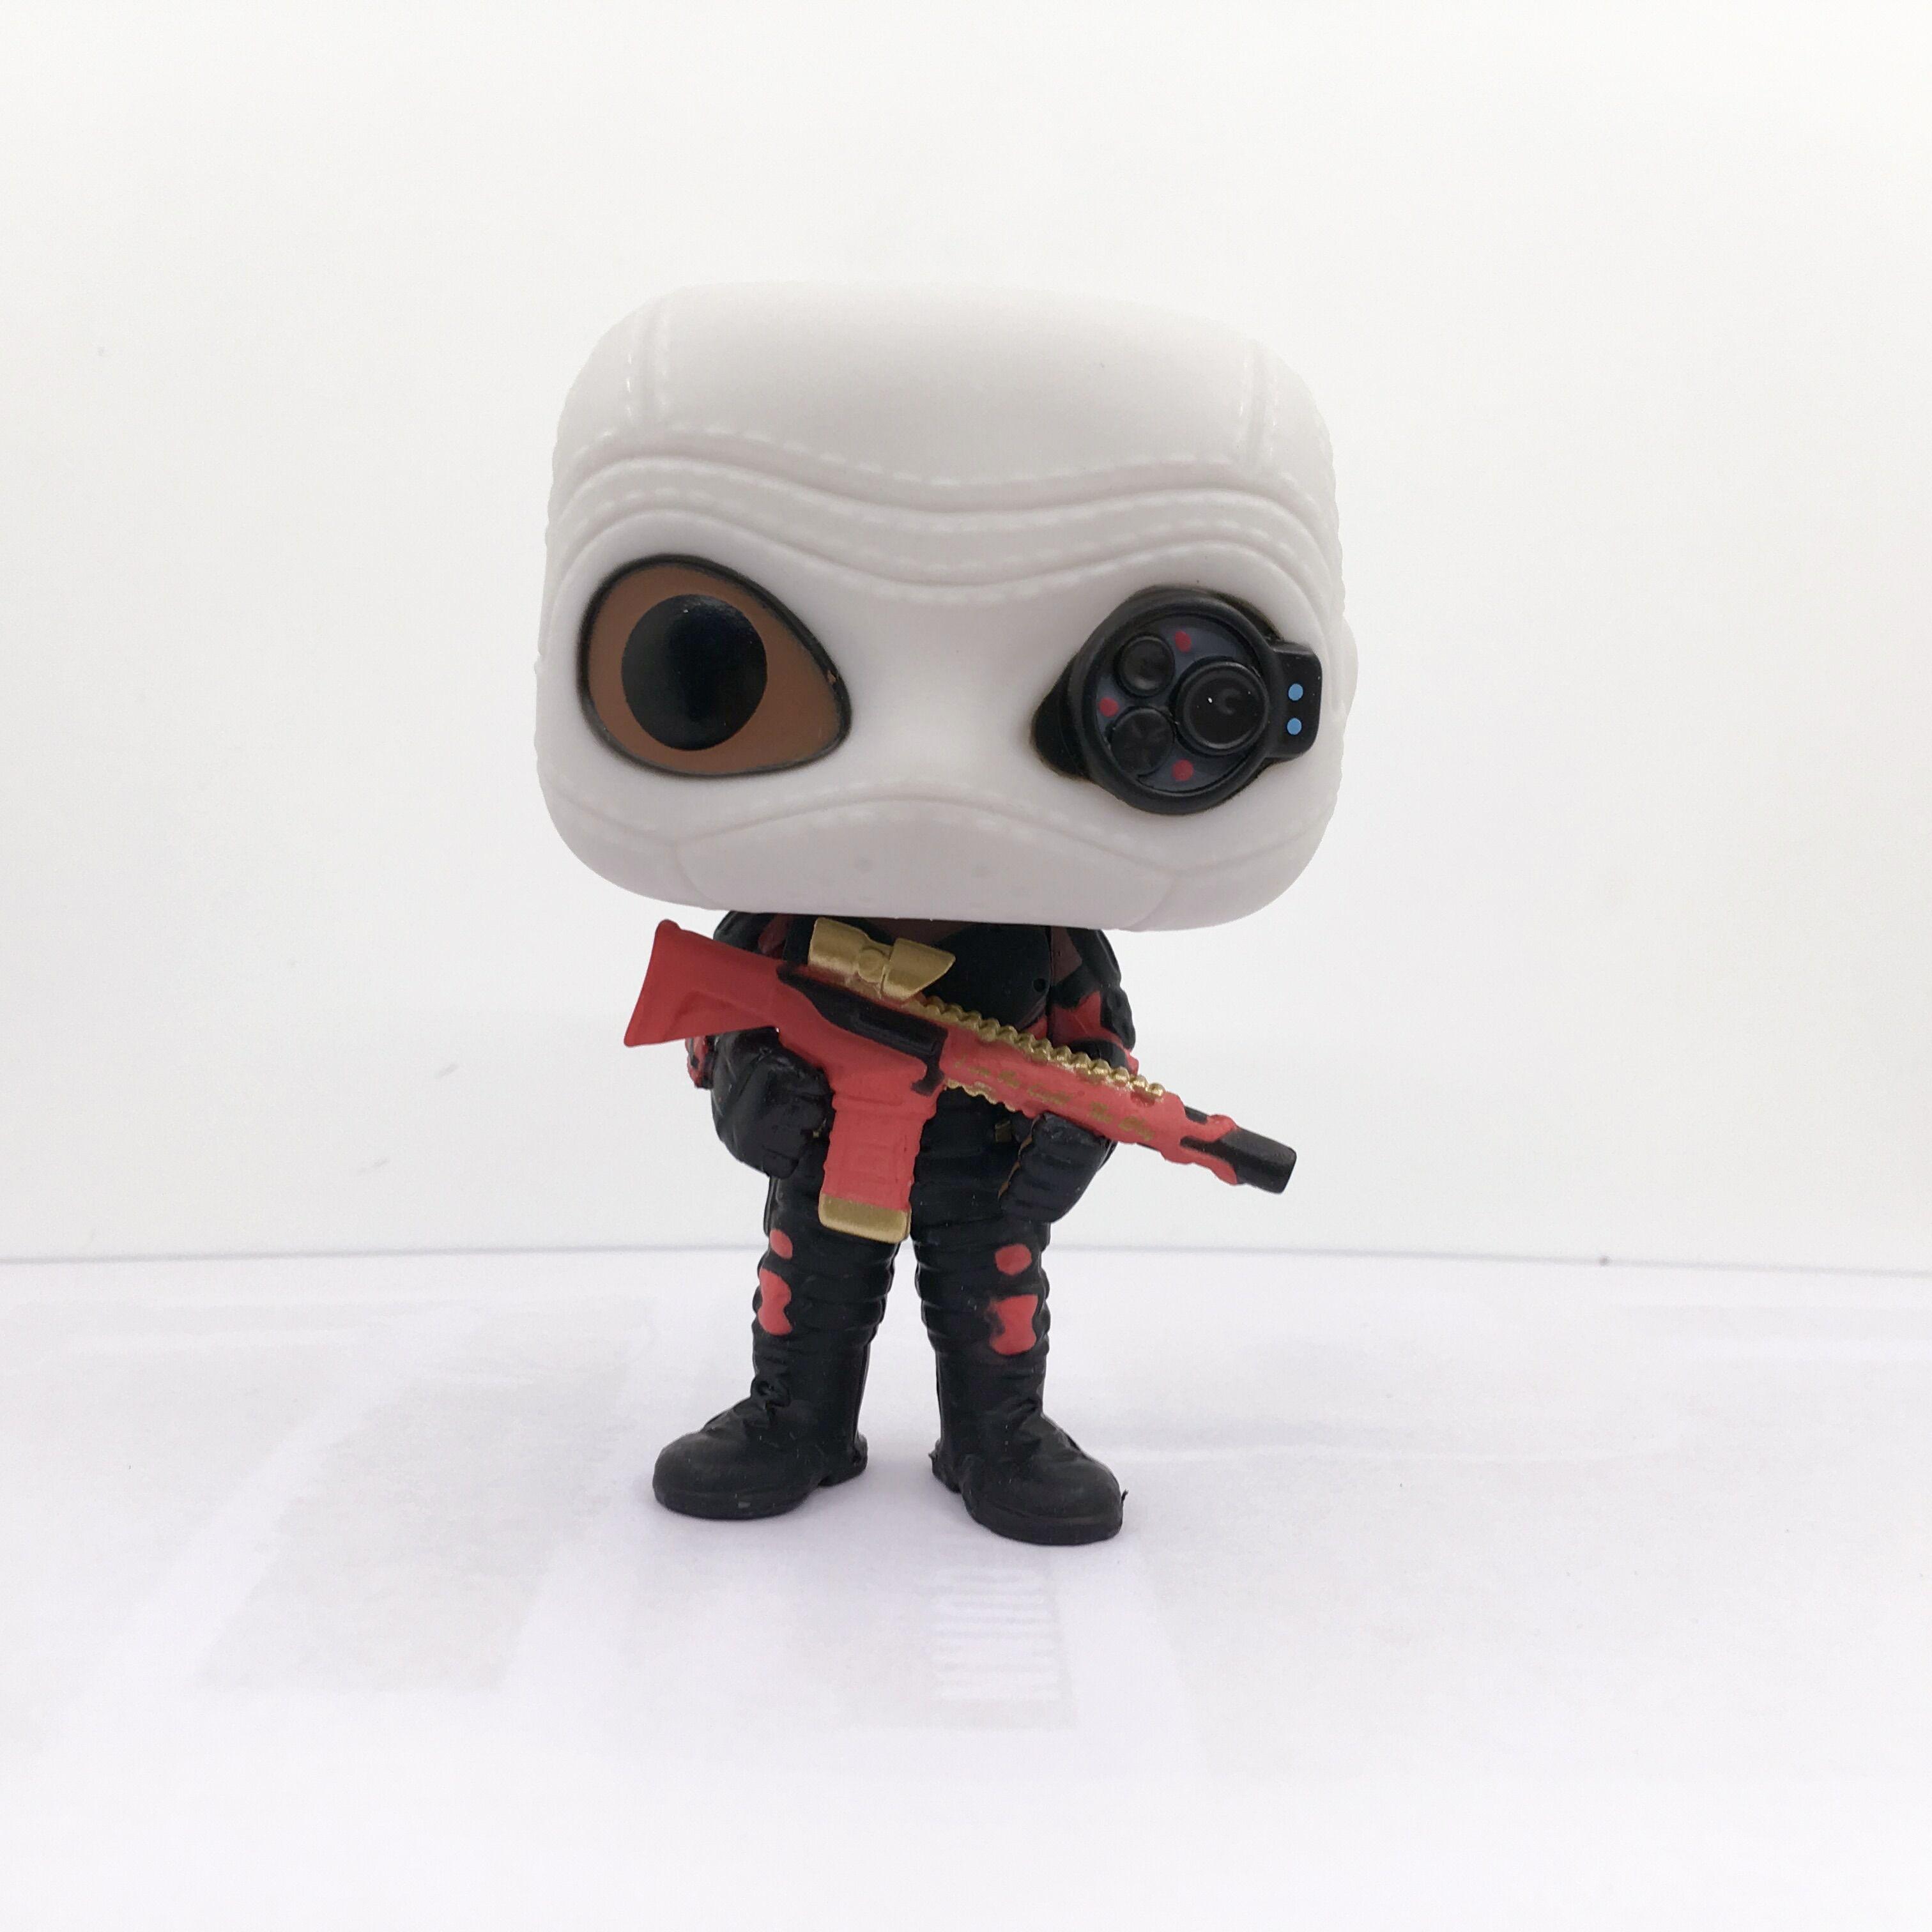 #Deadshot #Actionfigure #SuicideSquad